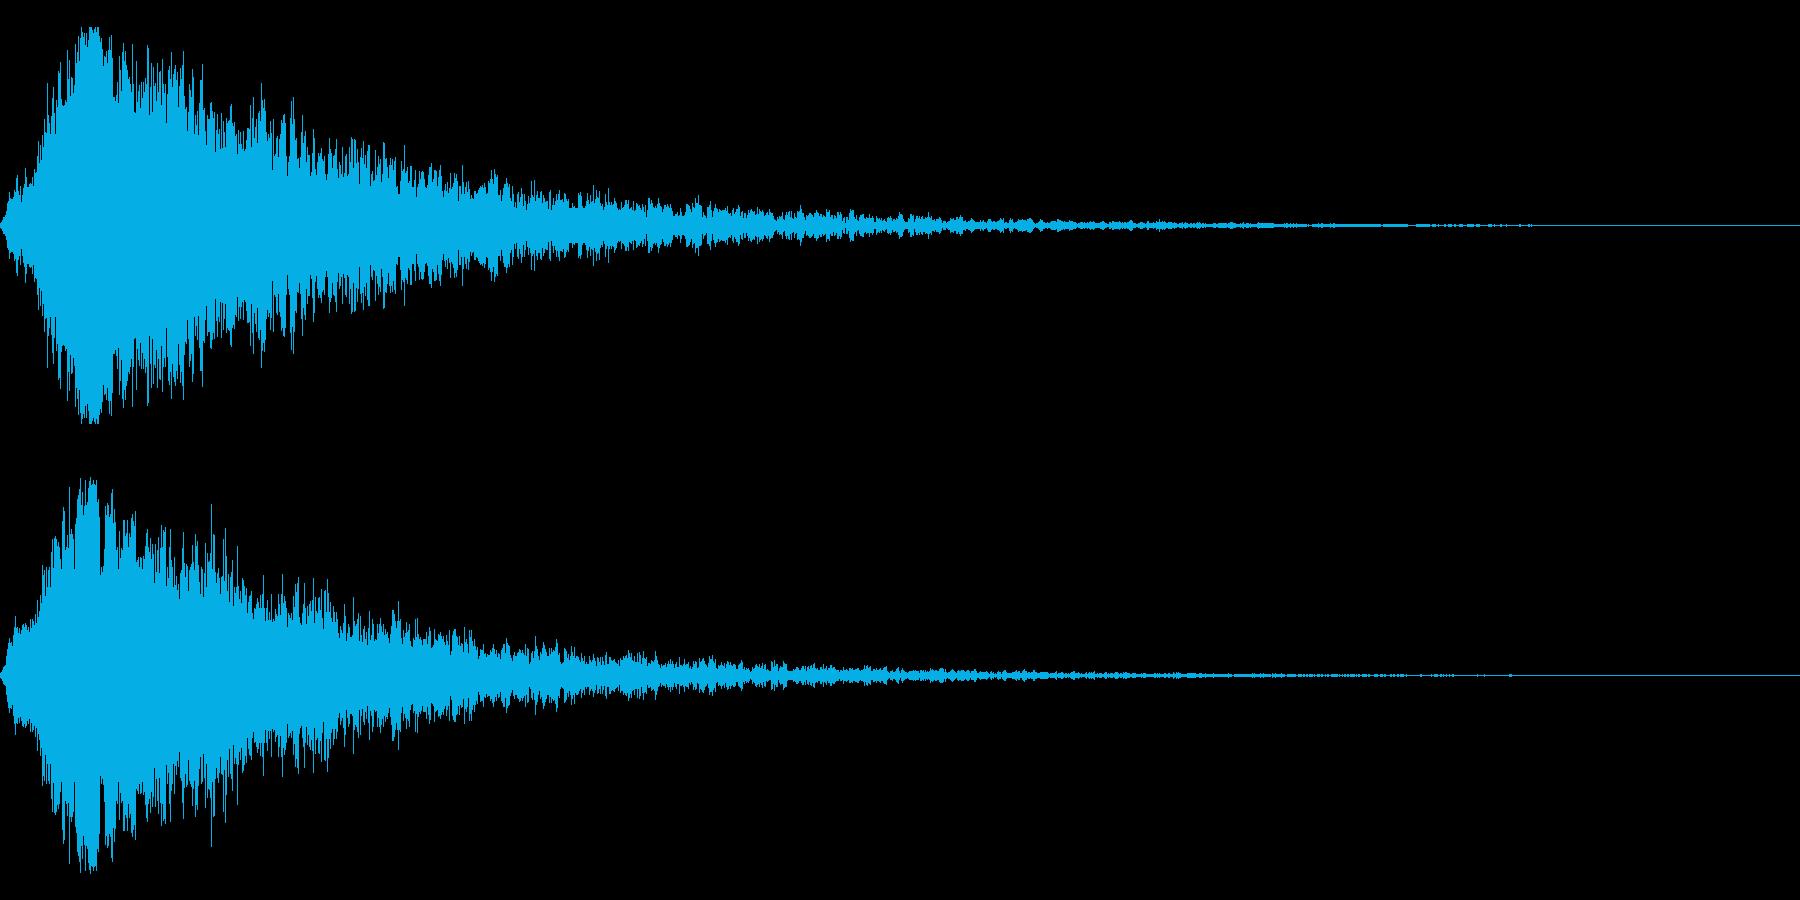 シャキーン キラーン☆強烈な輝き!6bvの再生済みの波形